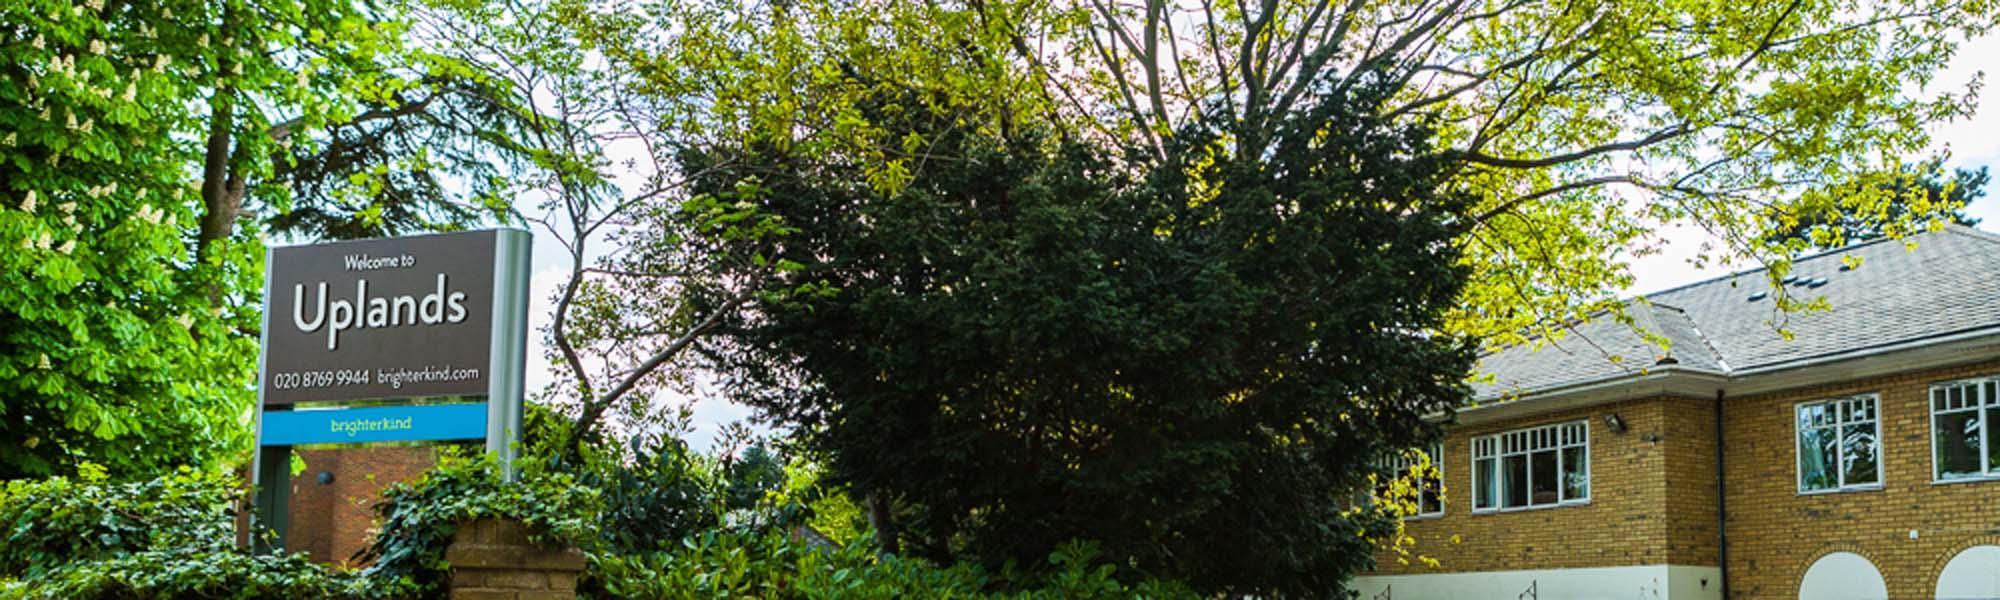 brighterkind Uplands in Streatham